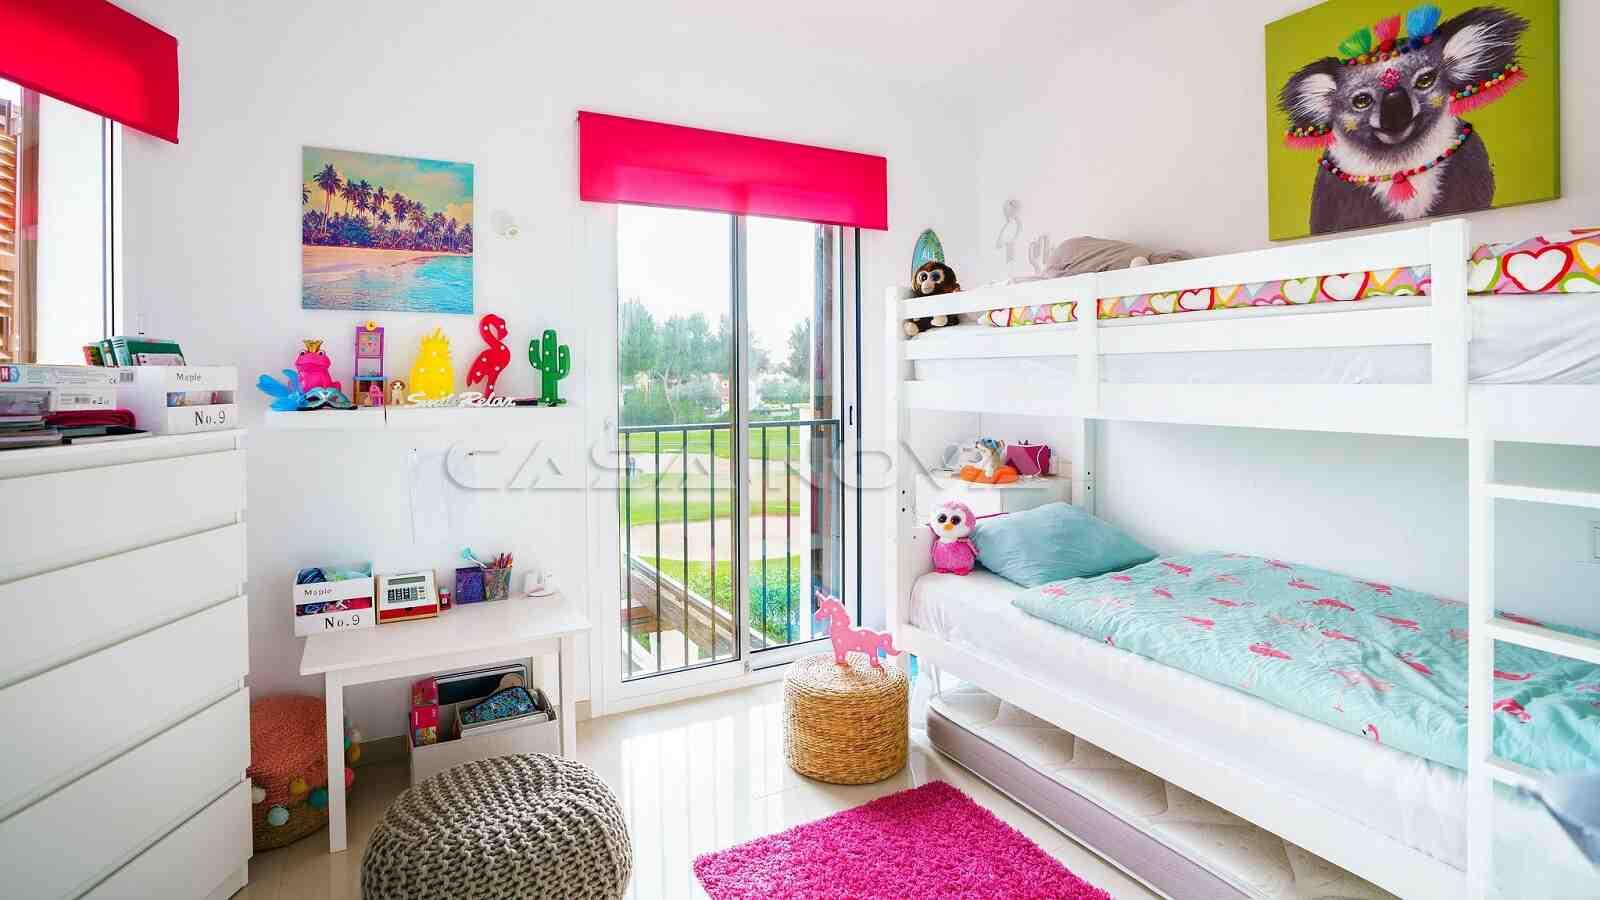 Schickes Kinderzimmer mit schönem Blick